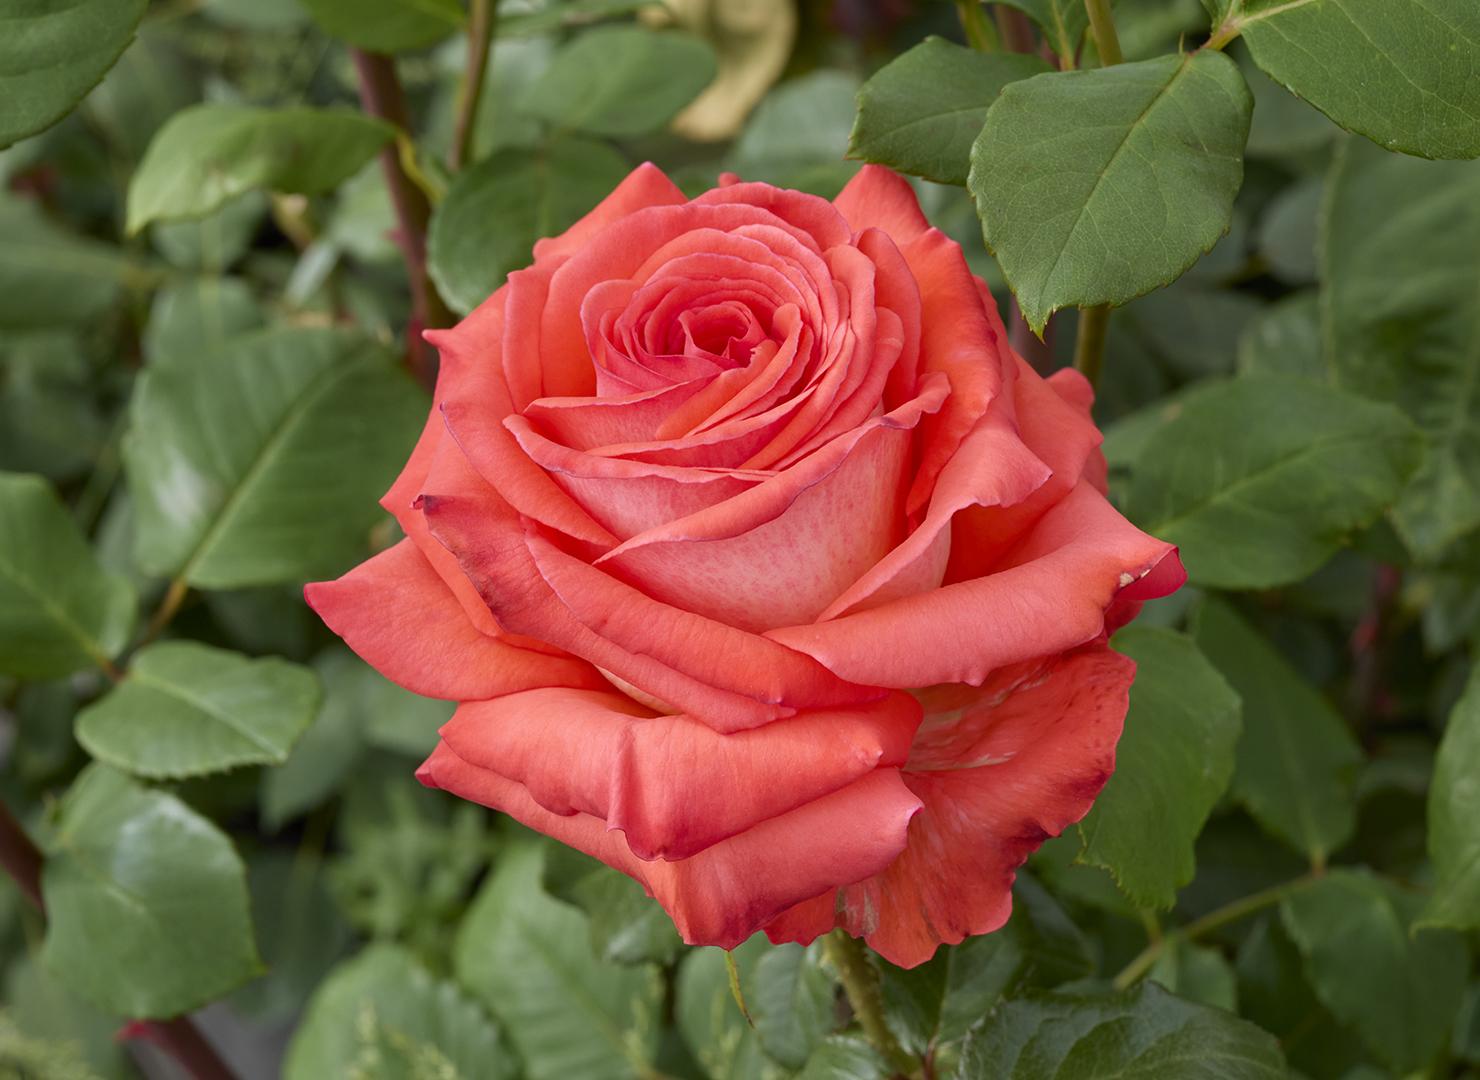 ケニギン デル ローゼン - Königin der Rosen